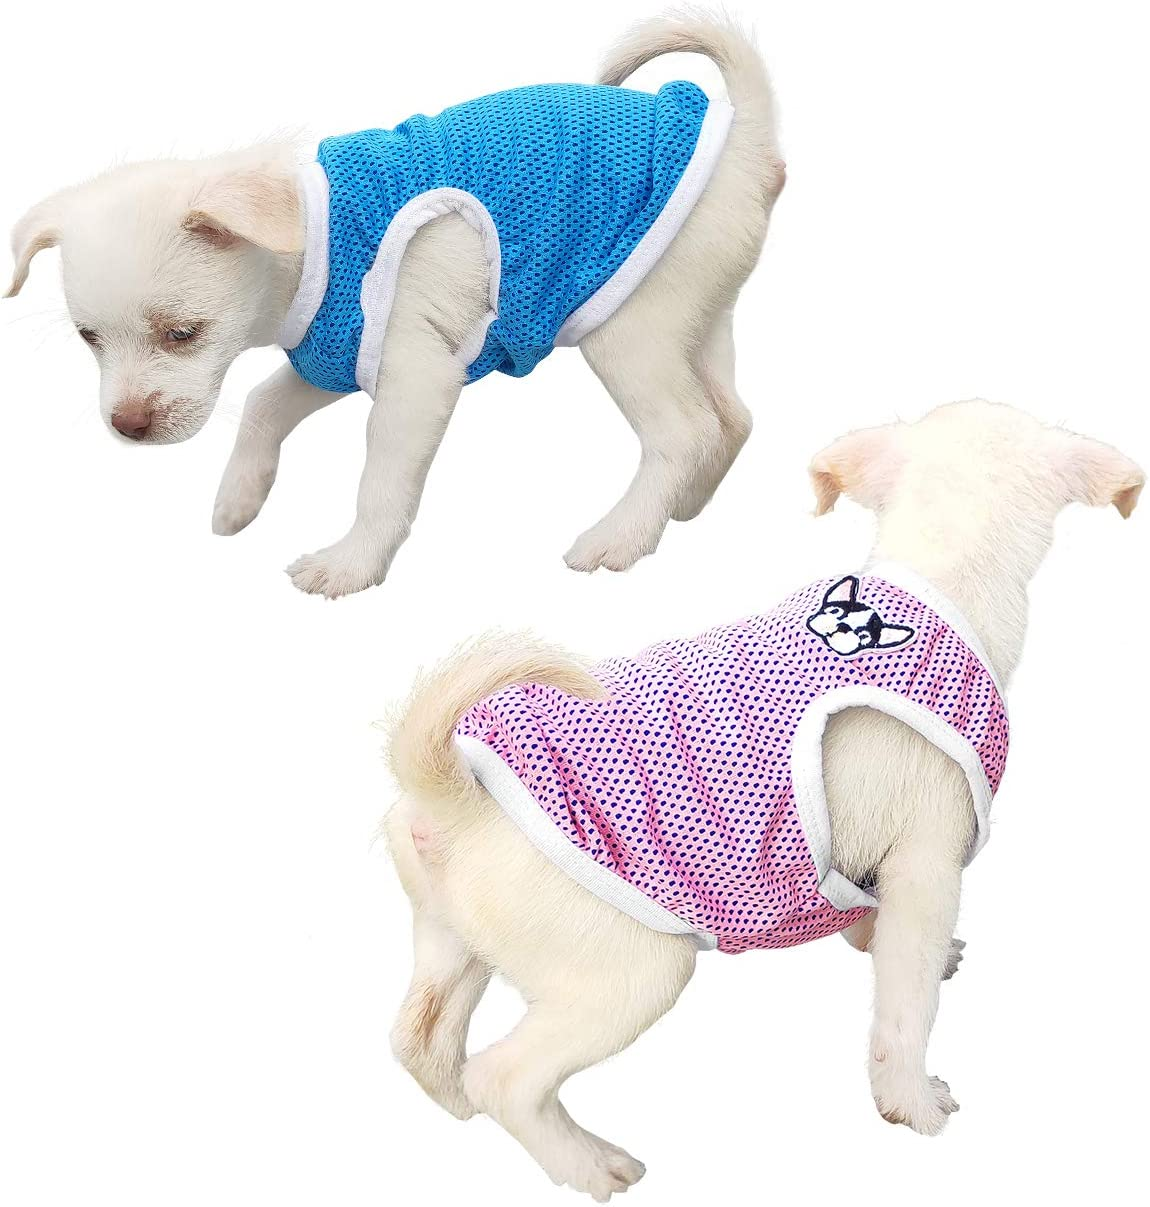 Gilet Sportivo Abbigliamento Estivo Magliette per Cani Maglietta Cani QiCheng /& LYS Gilet per Cani XS, 2 Pezzi Blu